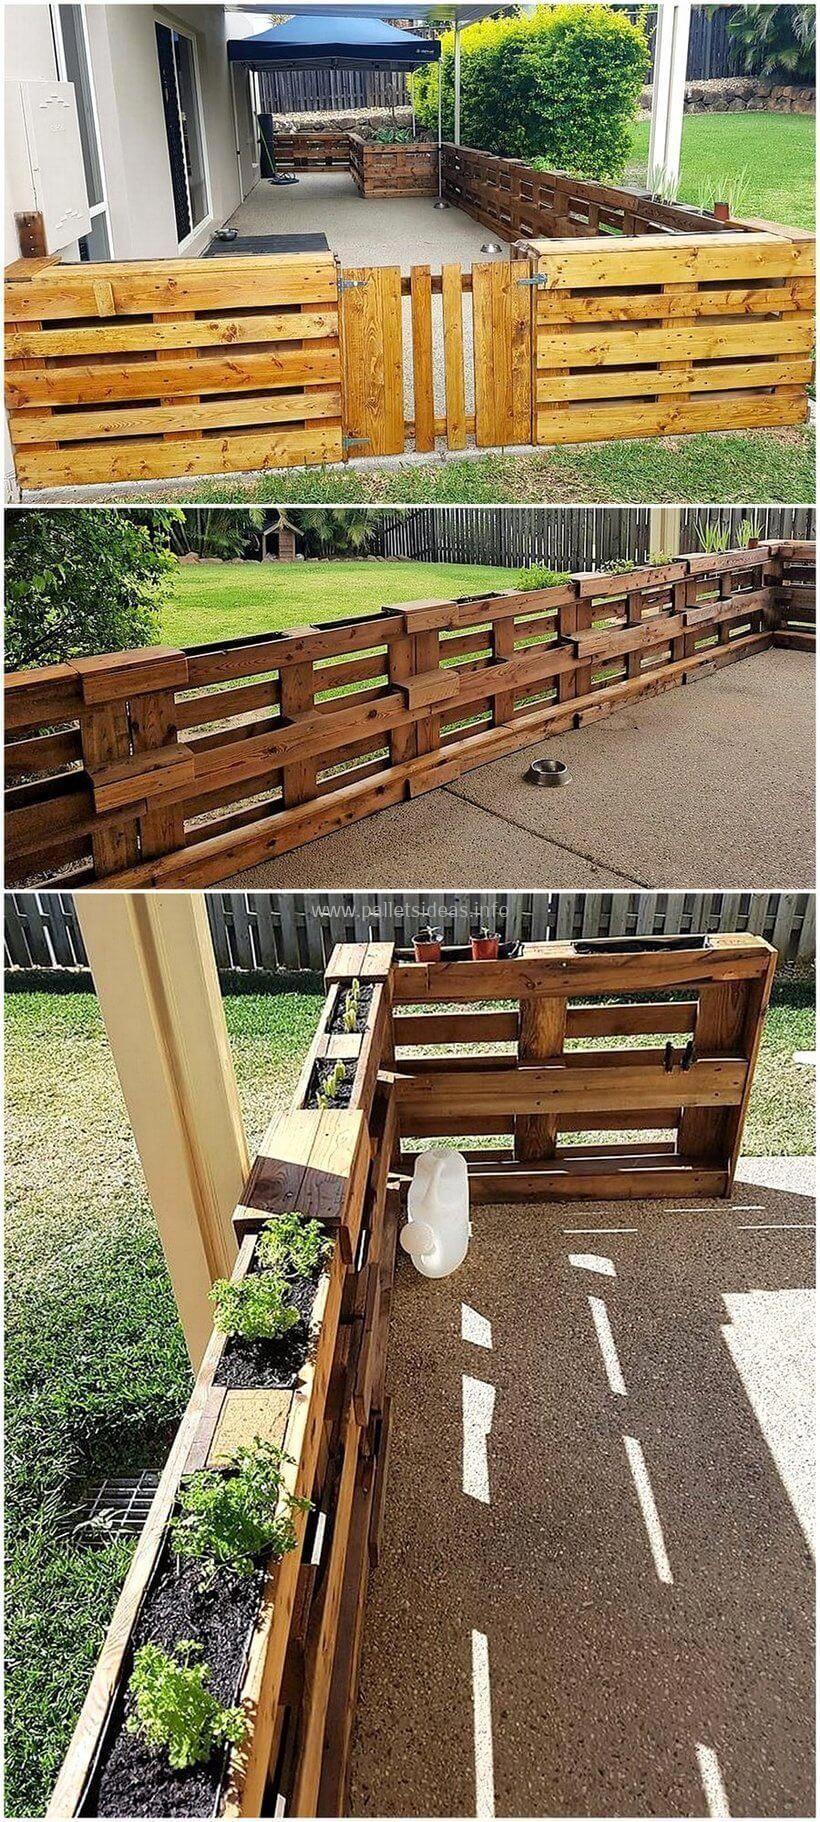 reused pallet fence  Pallet fence diy, Pallet furniture outdoor